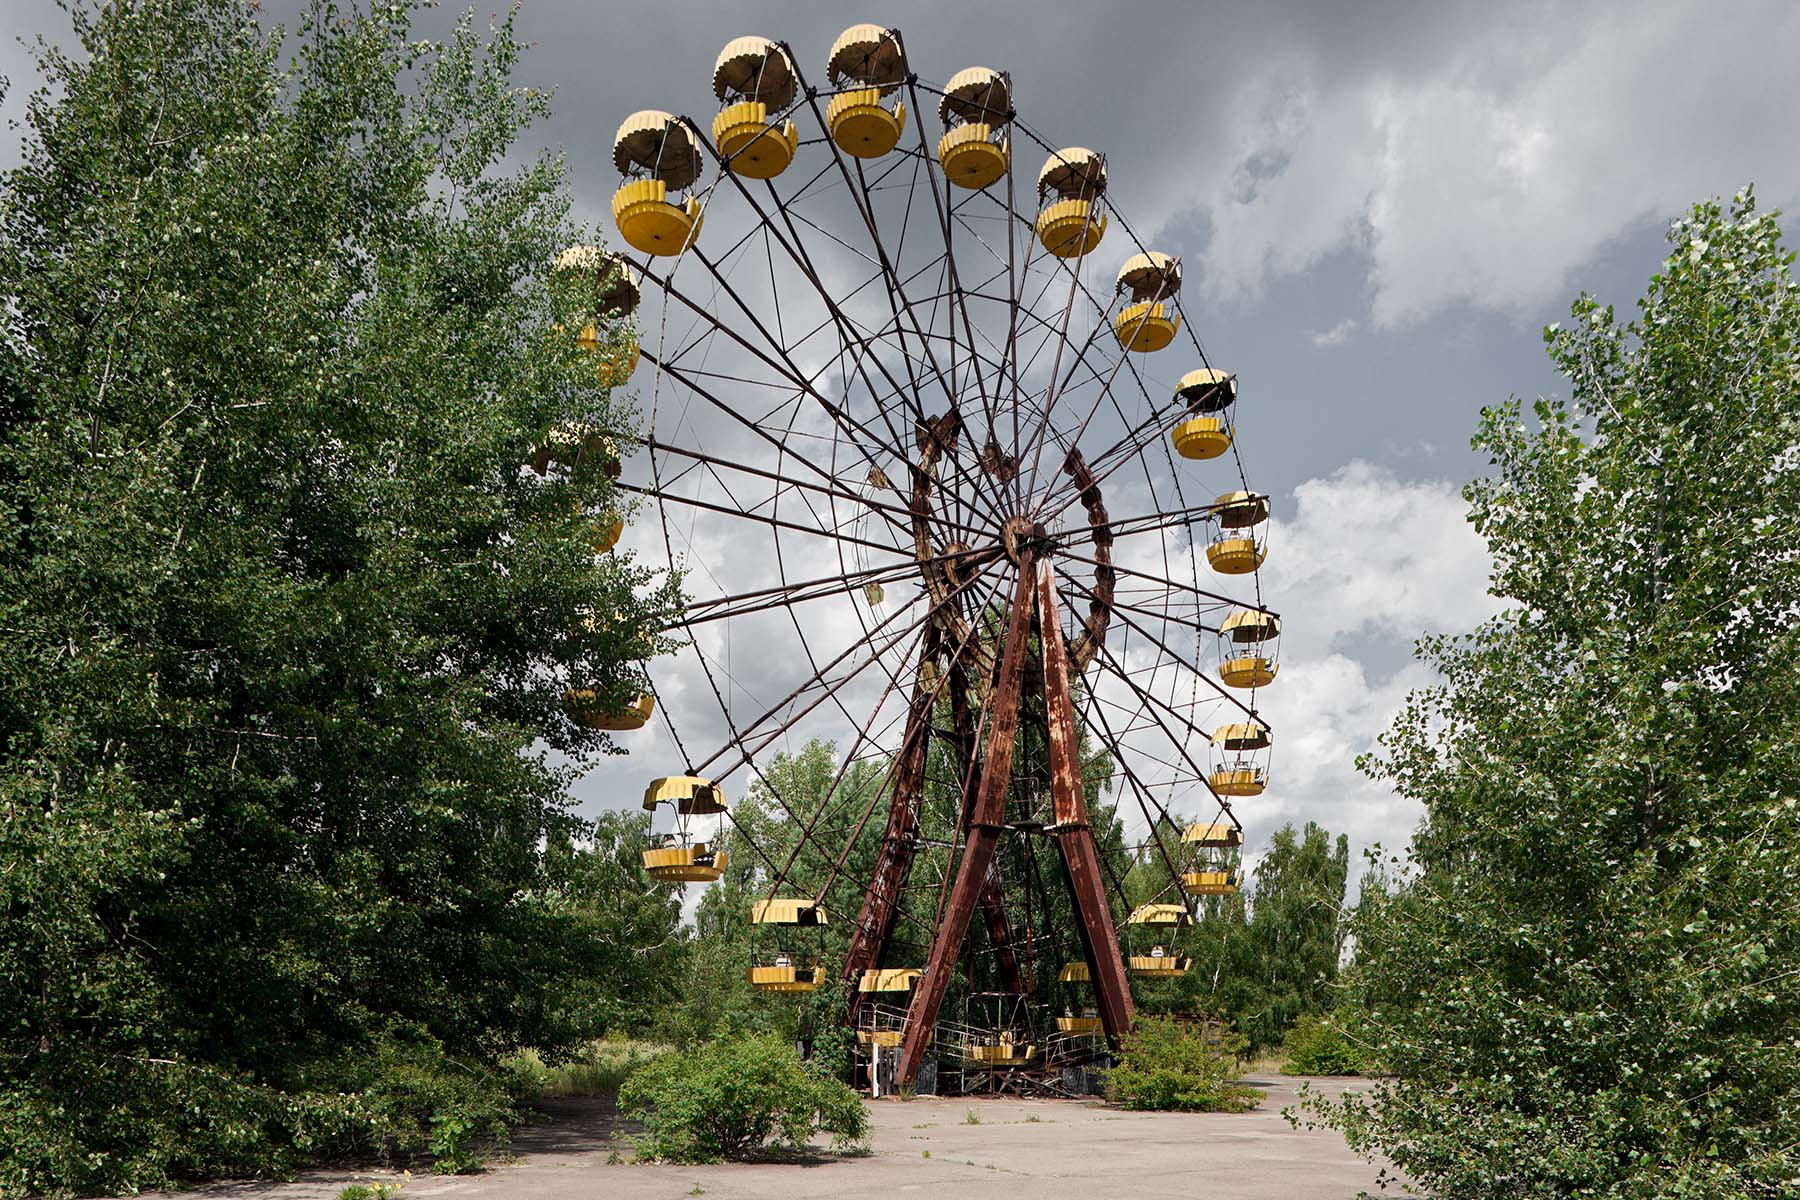 chernobyl_pripyat_13